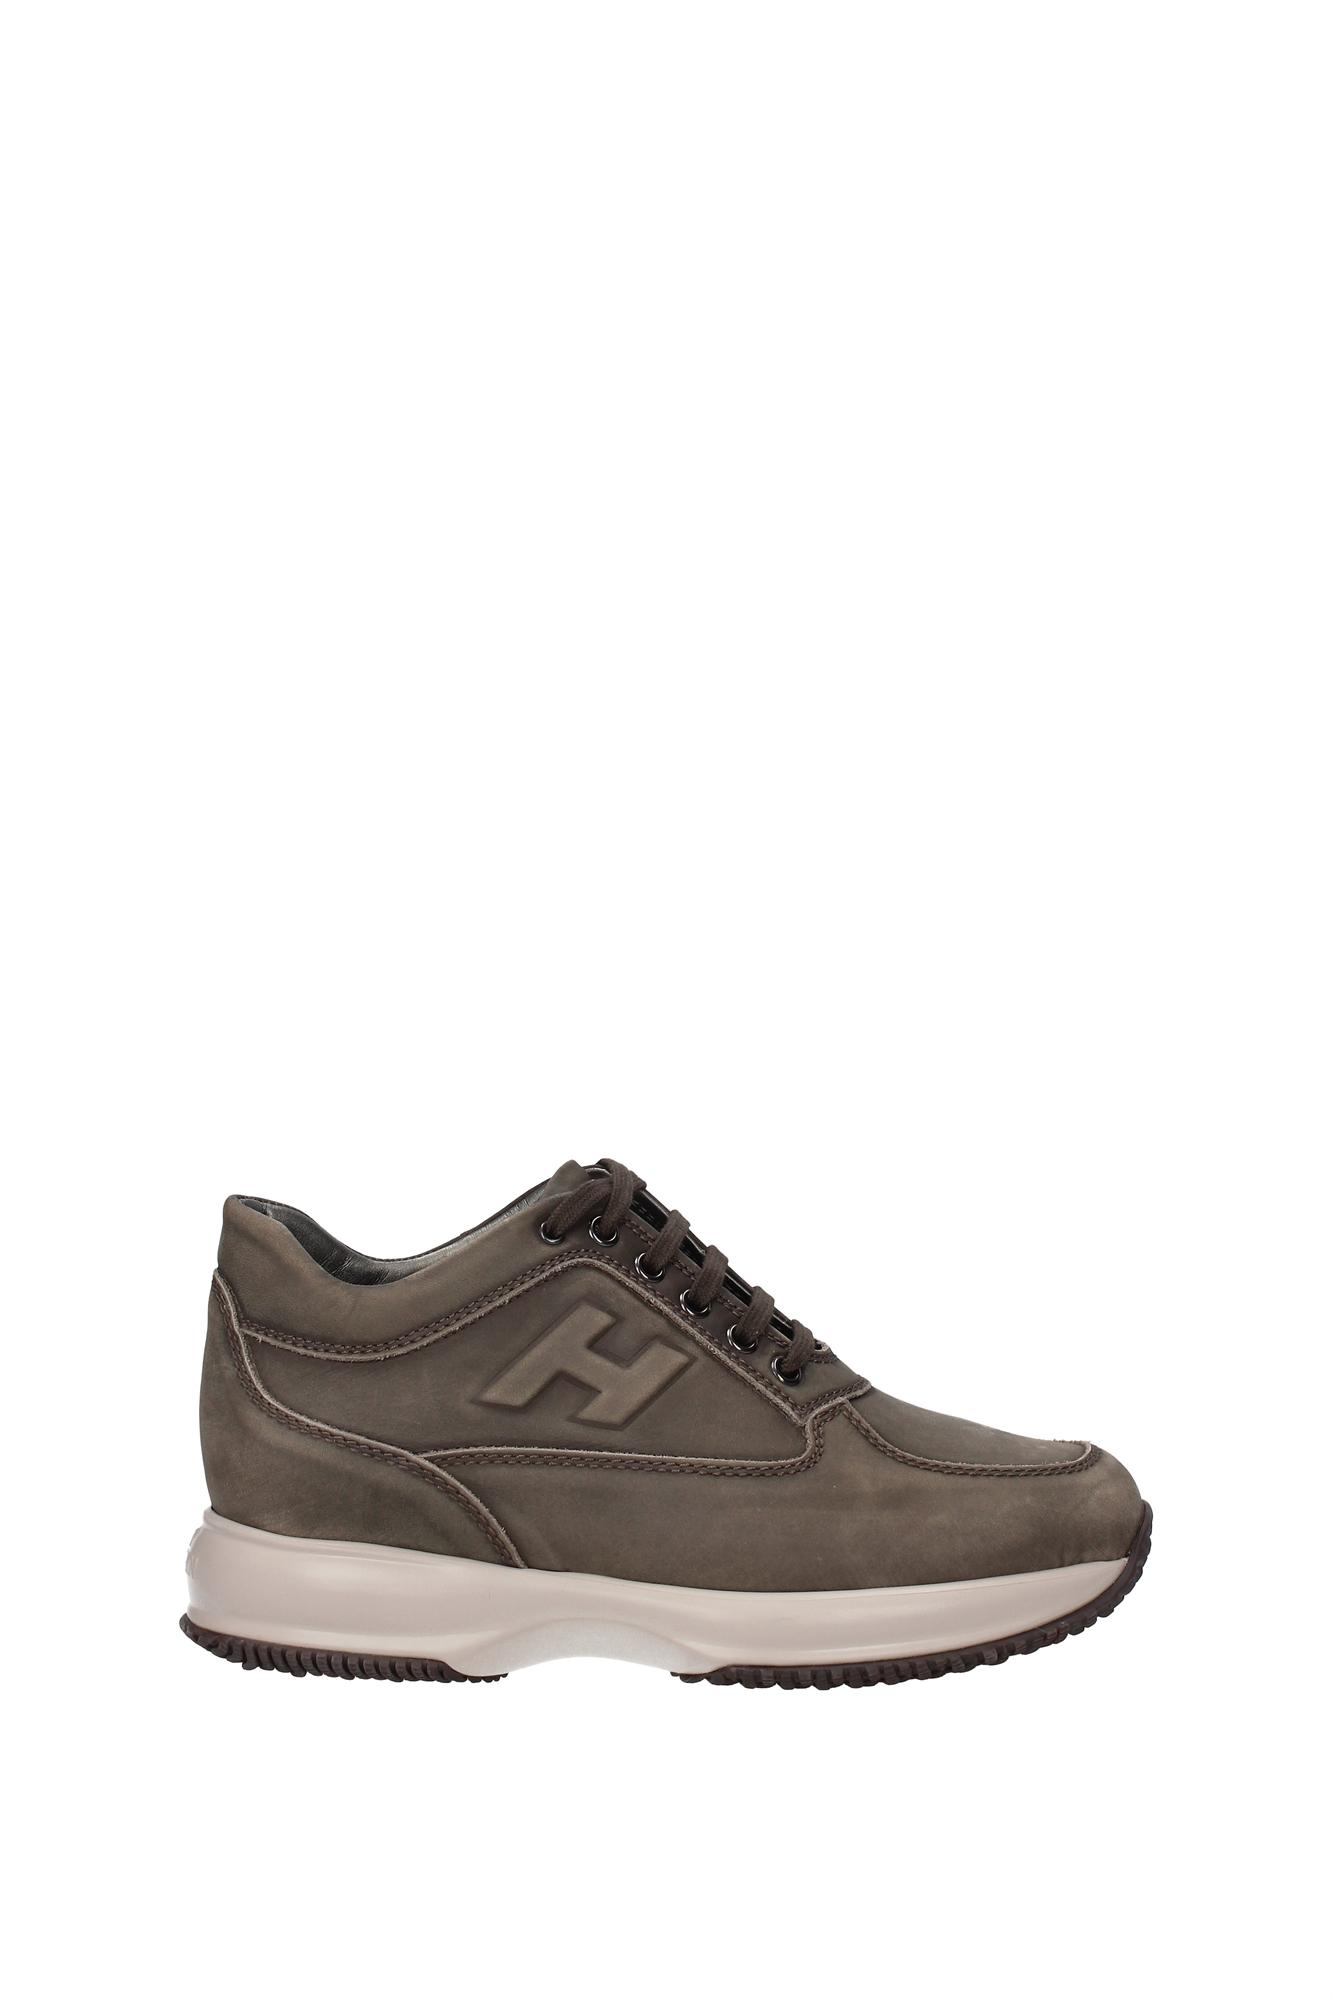 Scarpe casual da uomo    Sneakers Hogan uomo -  (HXM00N09041LND9997) 8c529d